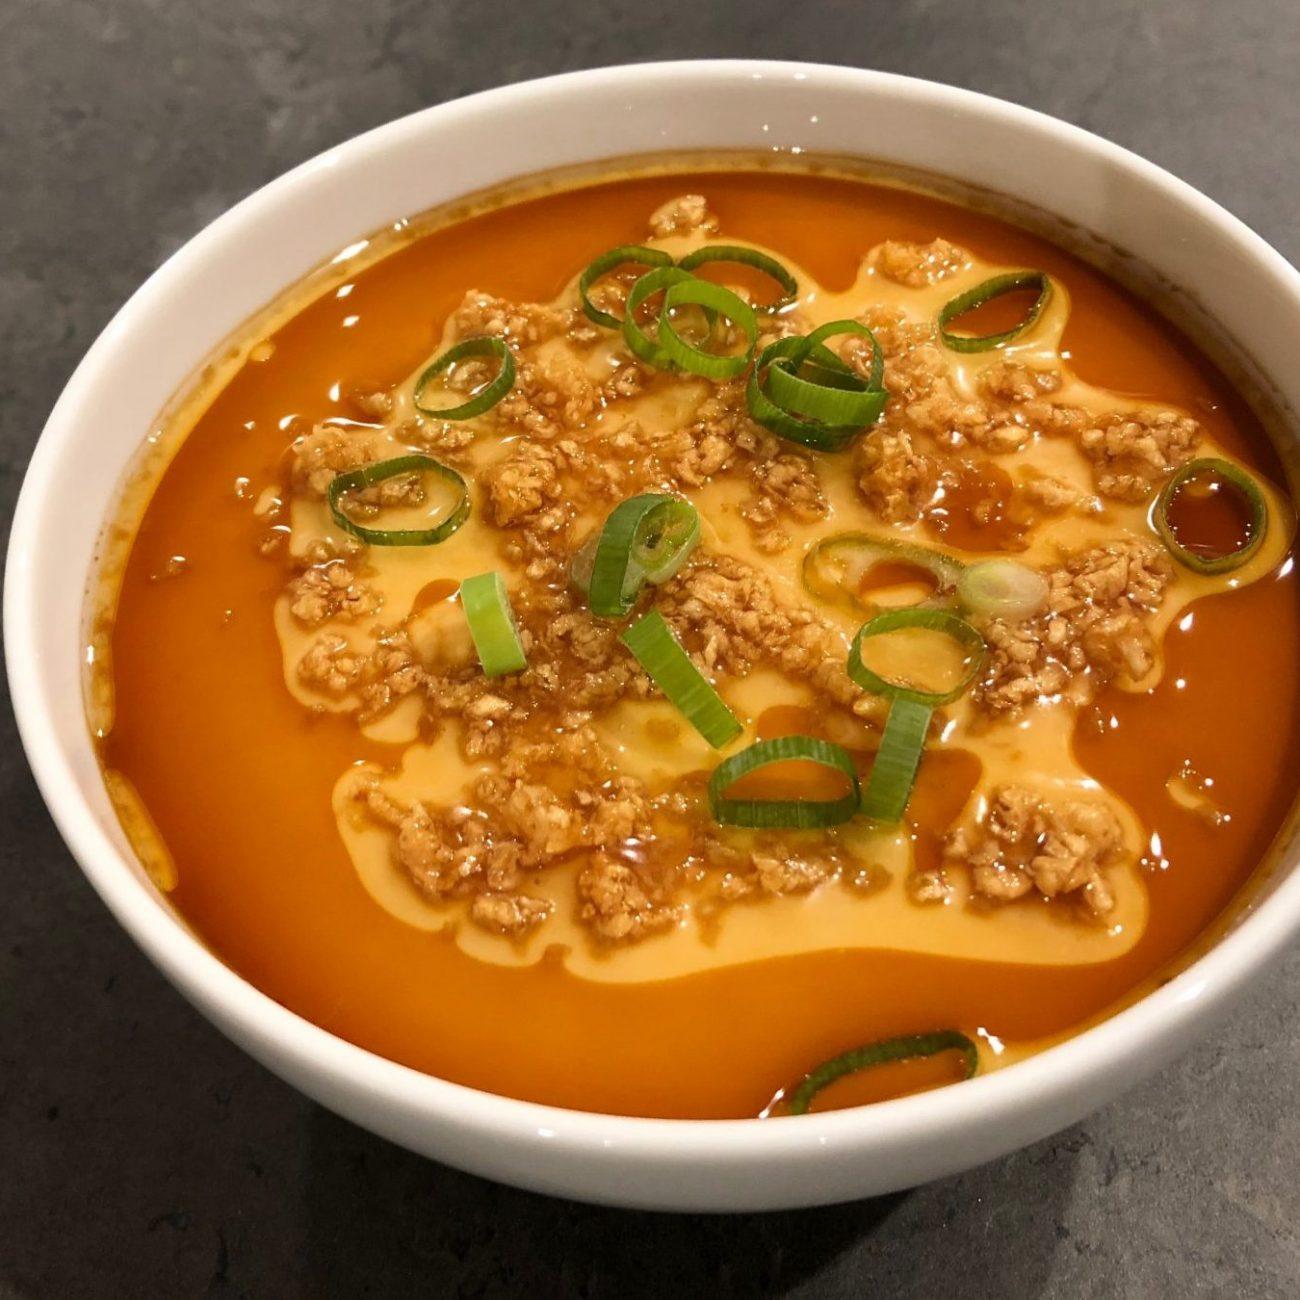 Chinese Steamed Egg Custard (蒸水蛋 Jing Shui Dan)